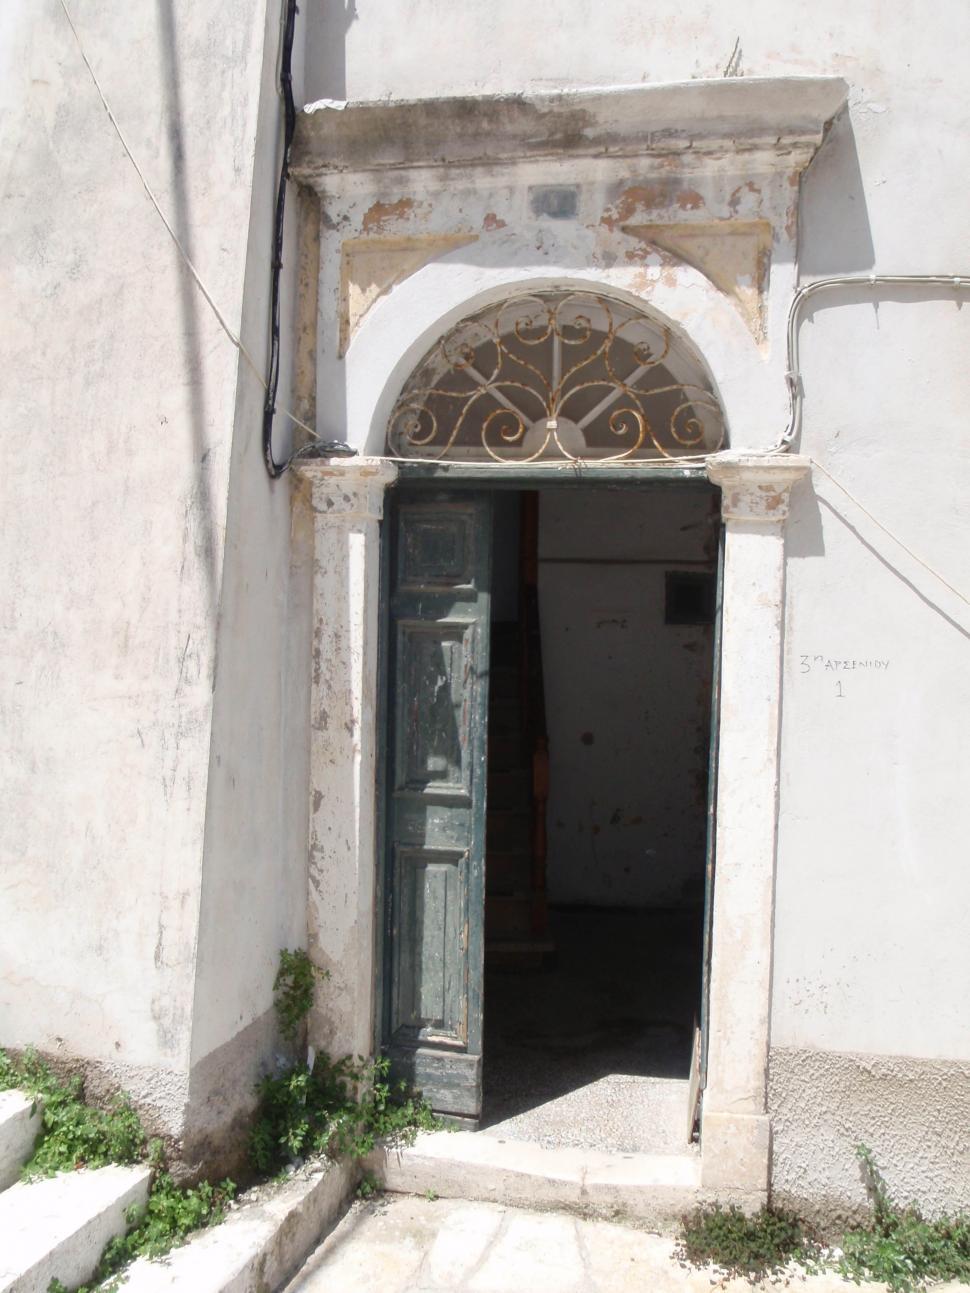 Download Free Stock HD Photo of Around Corfu, Door-way entrance. Online